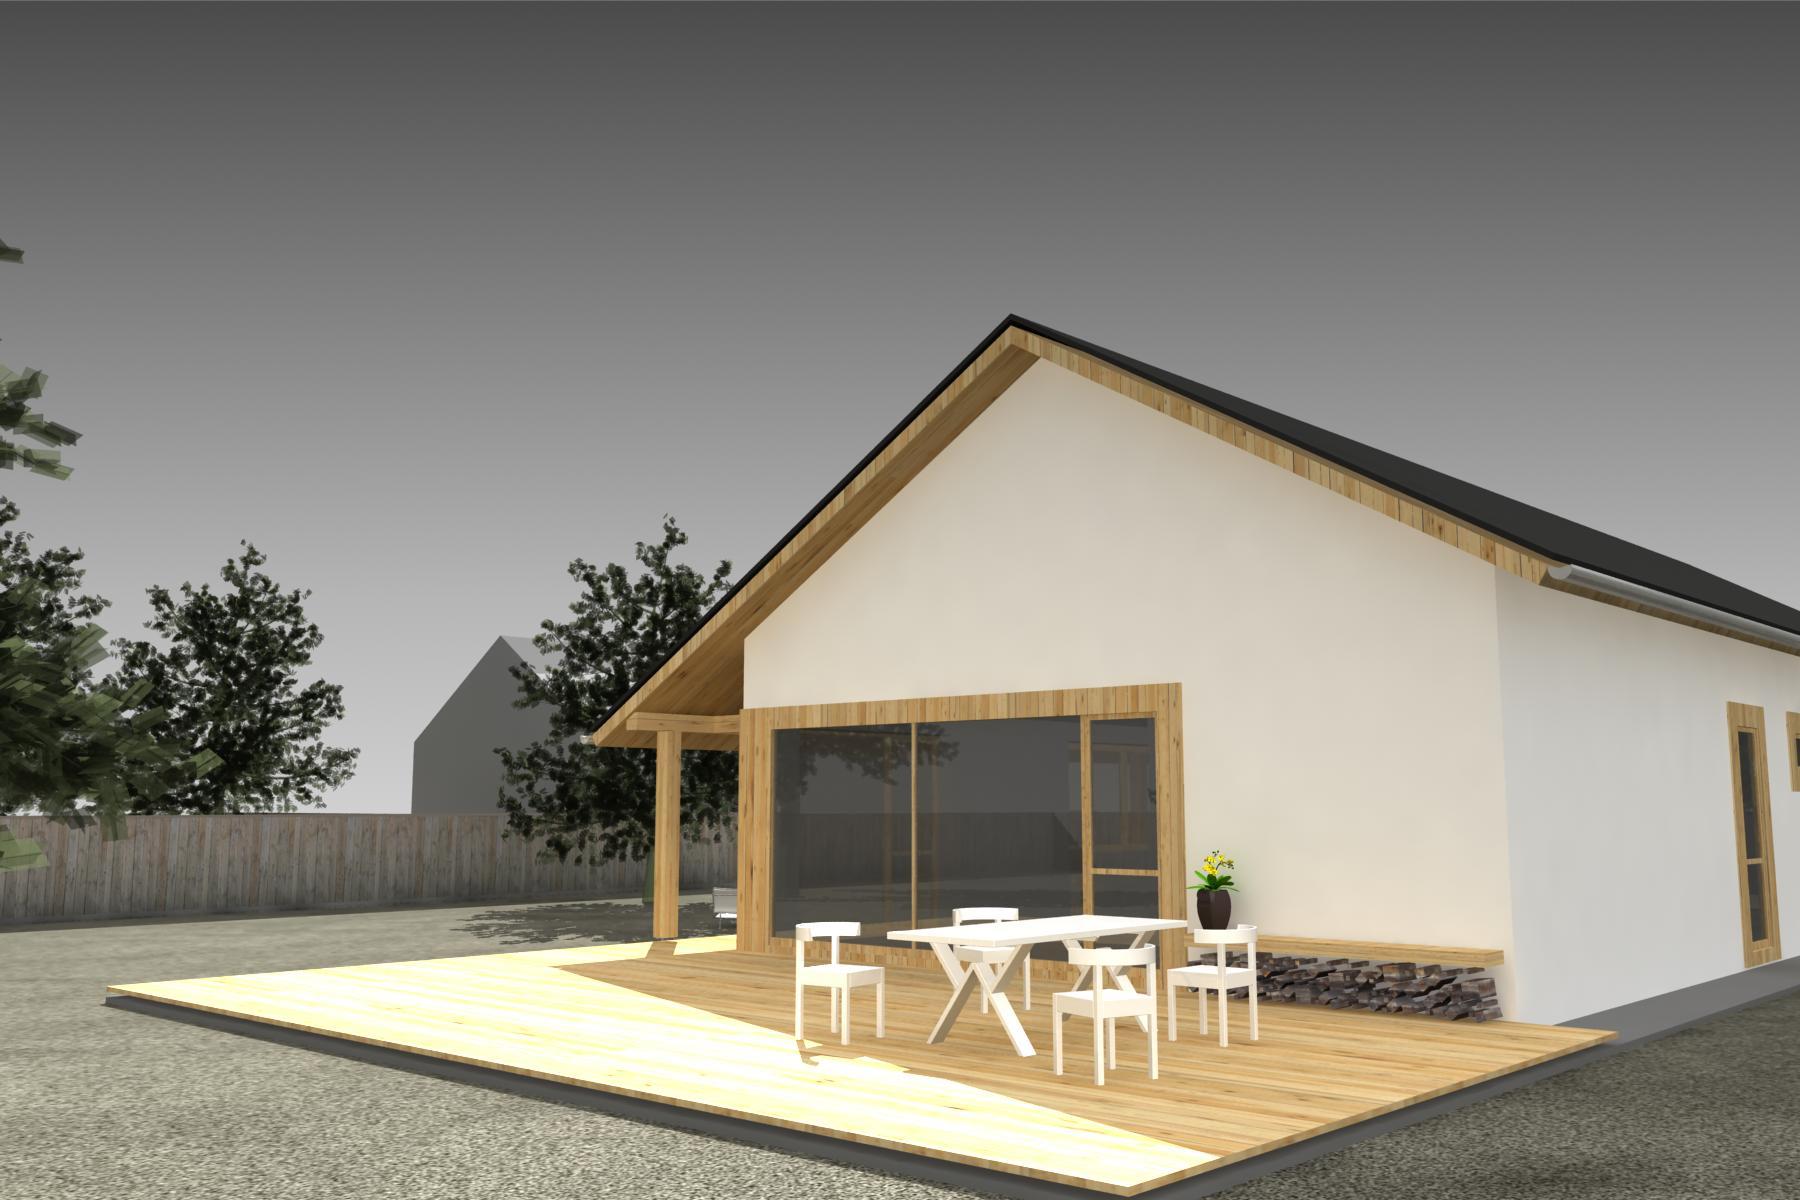 Projekt stavby rodinného domu III 05